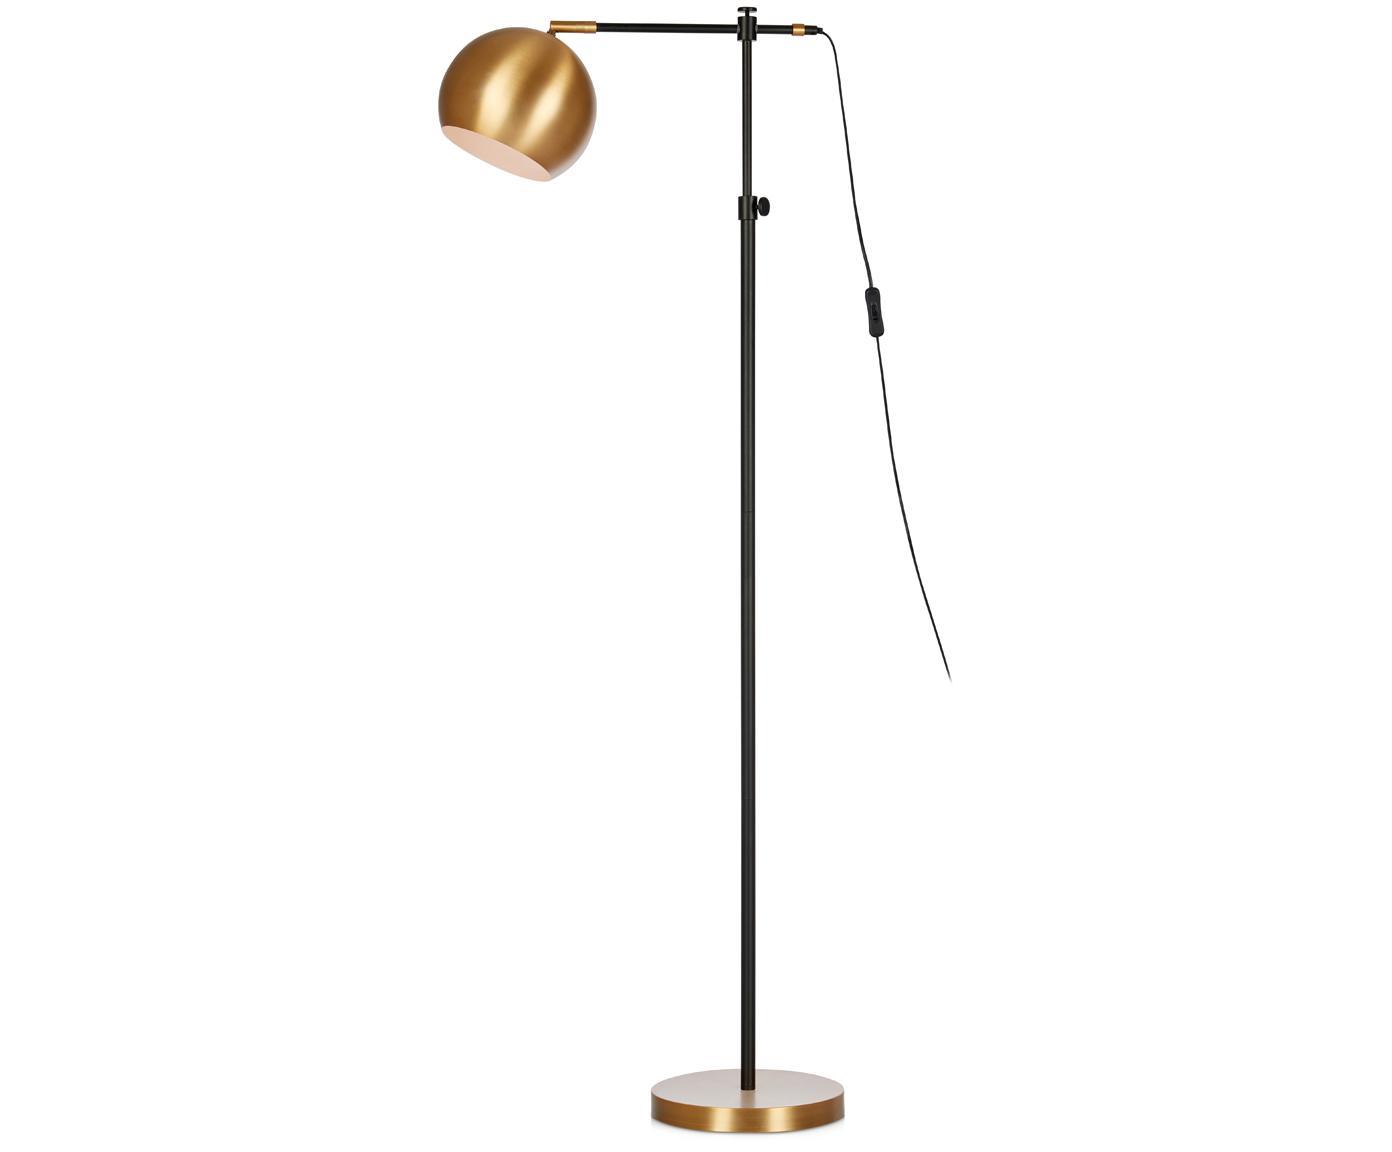 Lampa podłogowa Chester, Mosiądz lakierowany, Brązowy, czarny, S 25 x W 135 cm